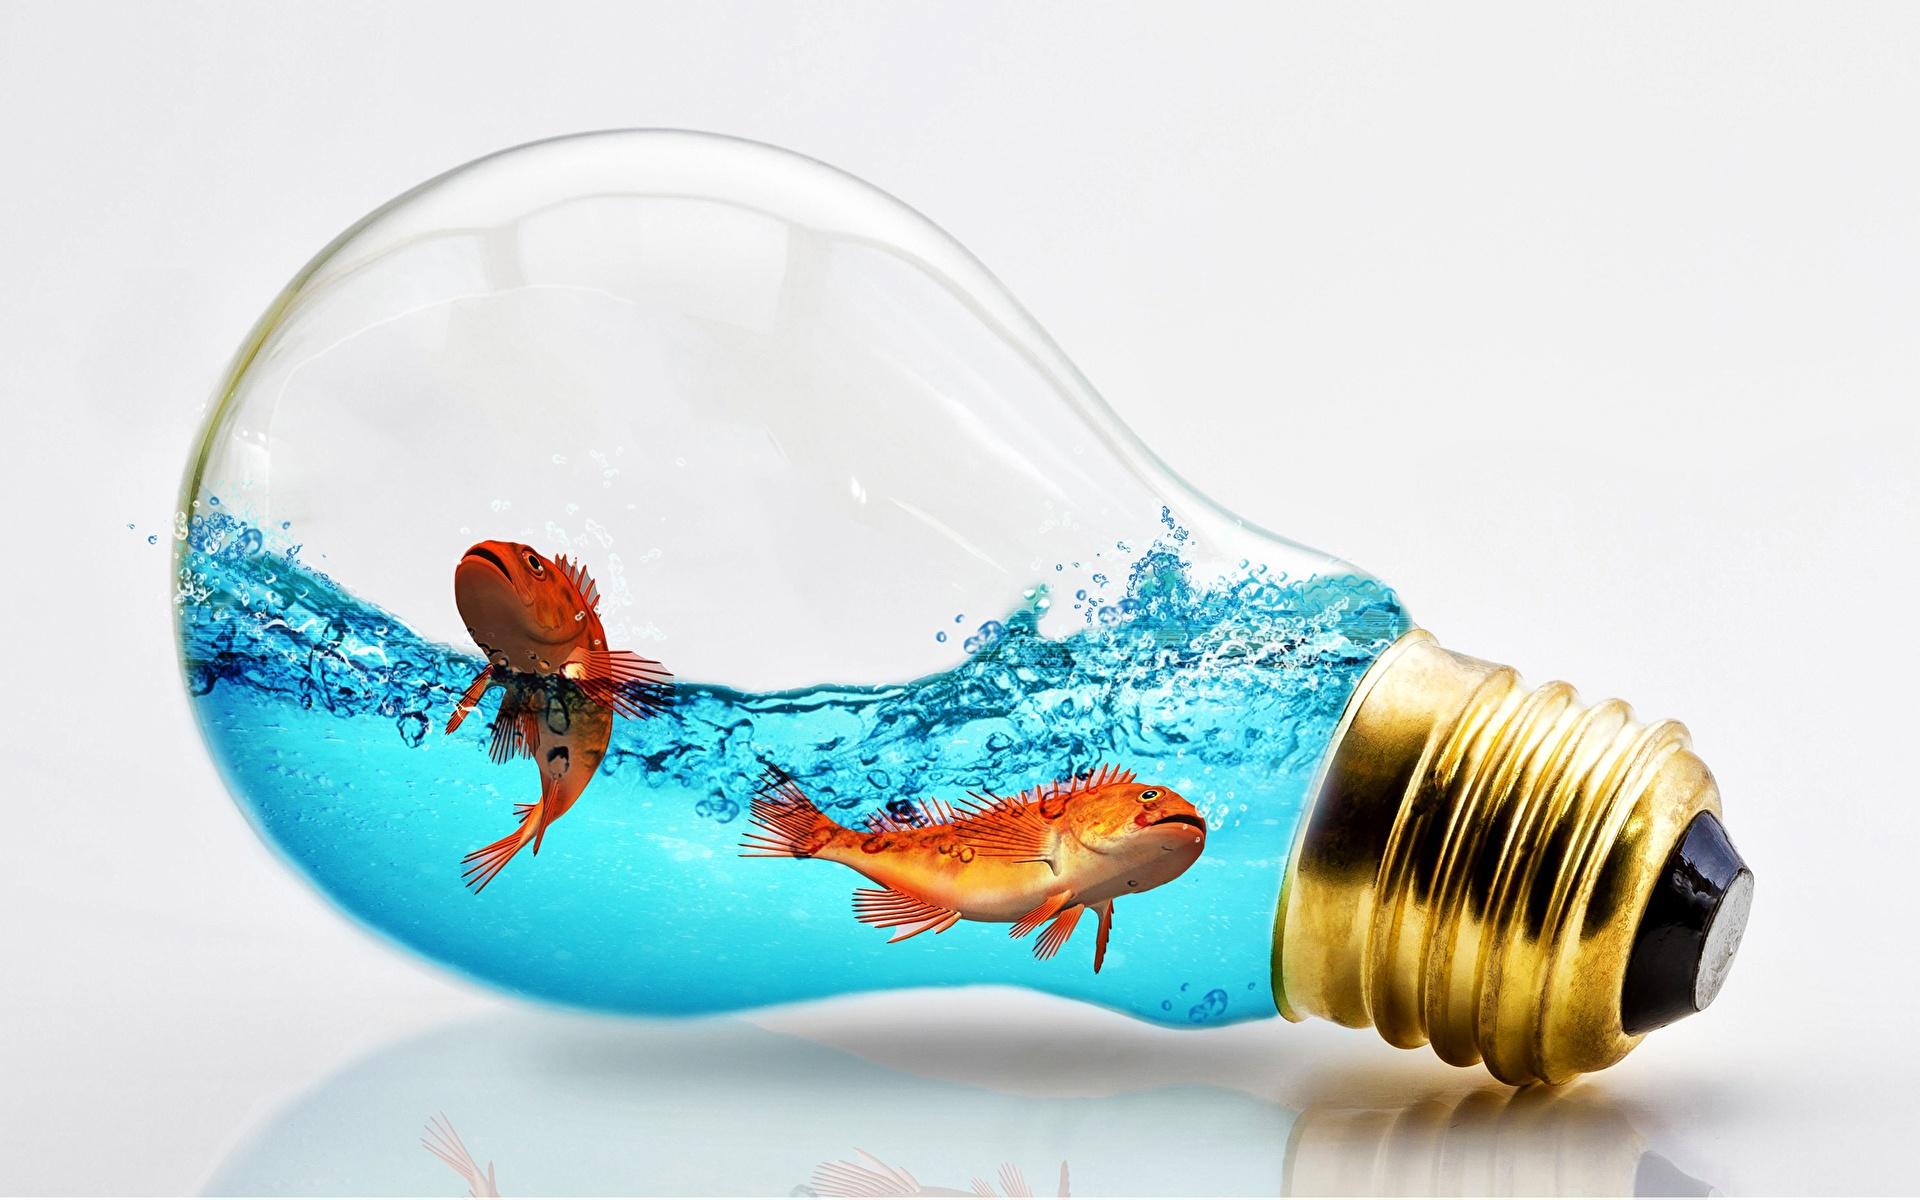 Фото Рыбы лампа накаливания Креатив воде животное Серый фон 1920x1200 Лампочка креативные оригинальные Вода Животные сером фоне